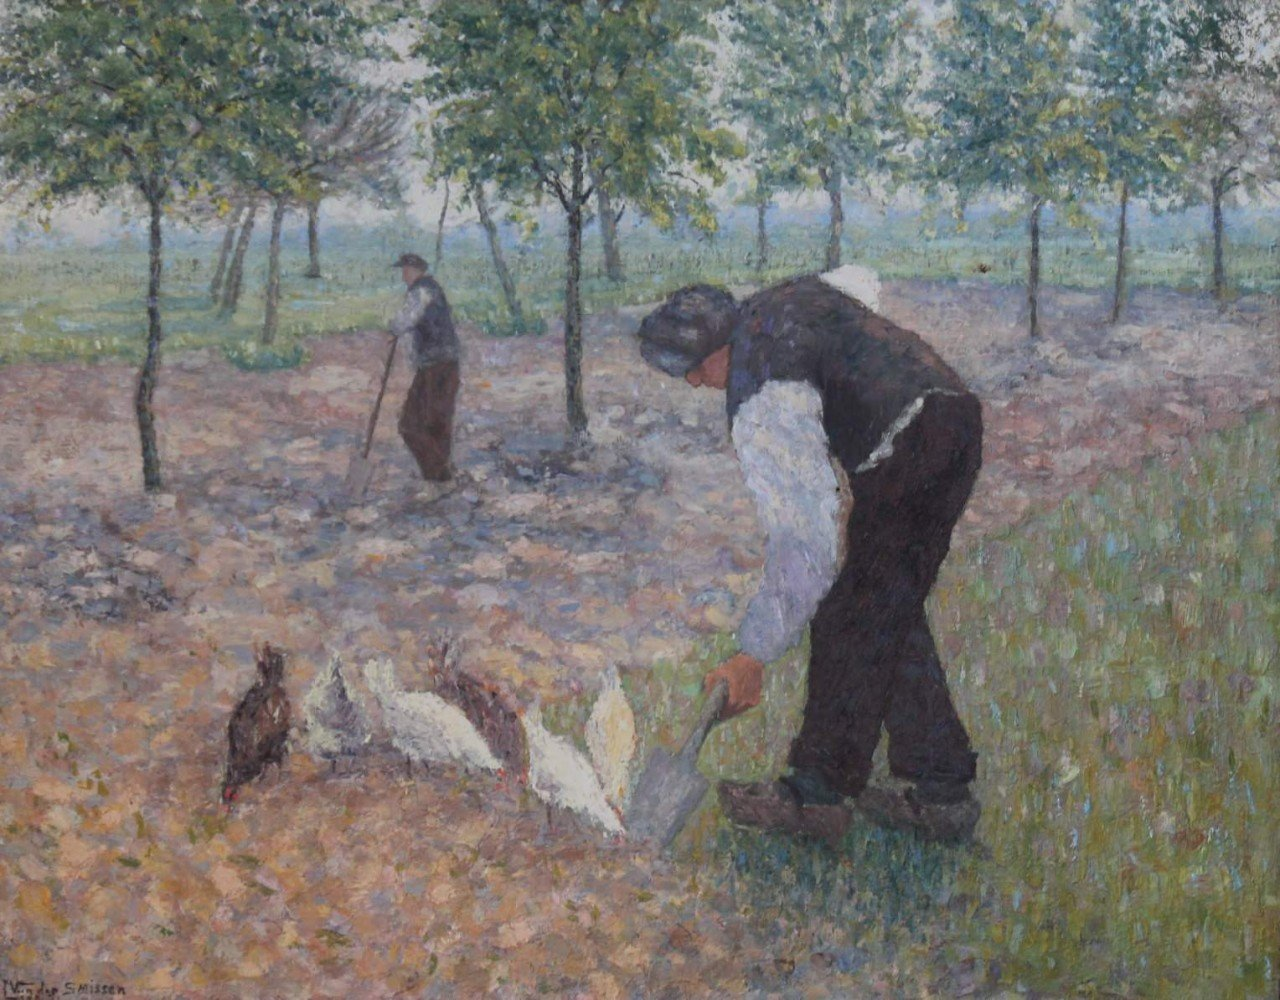 Planting by Leo Van der Smisson